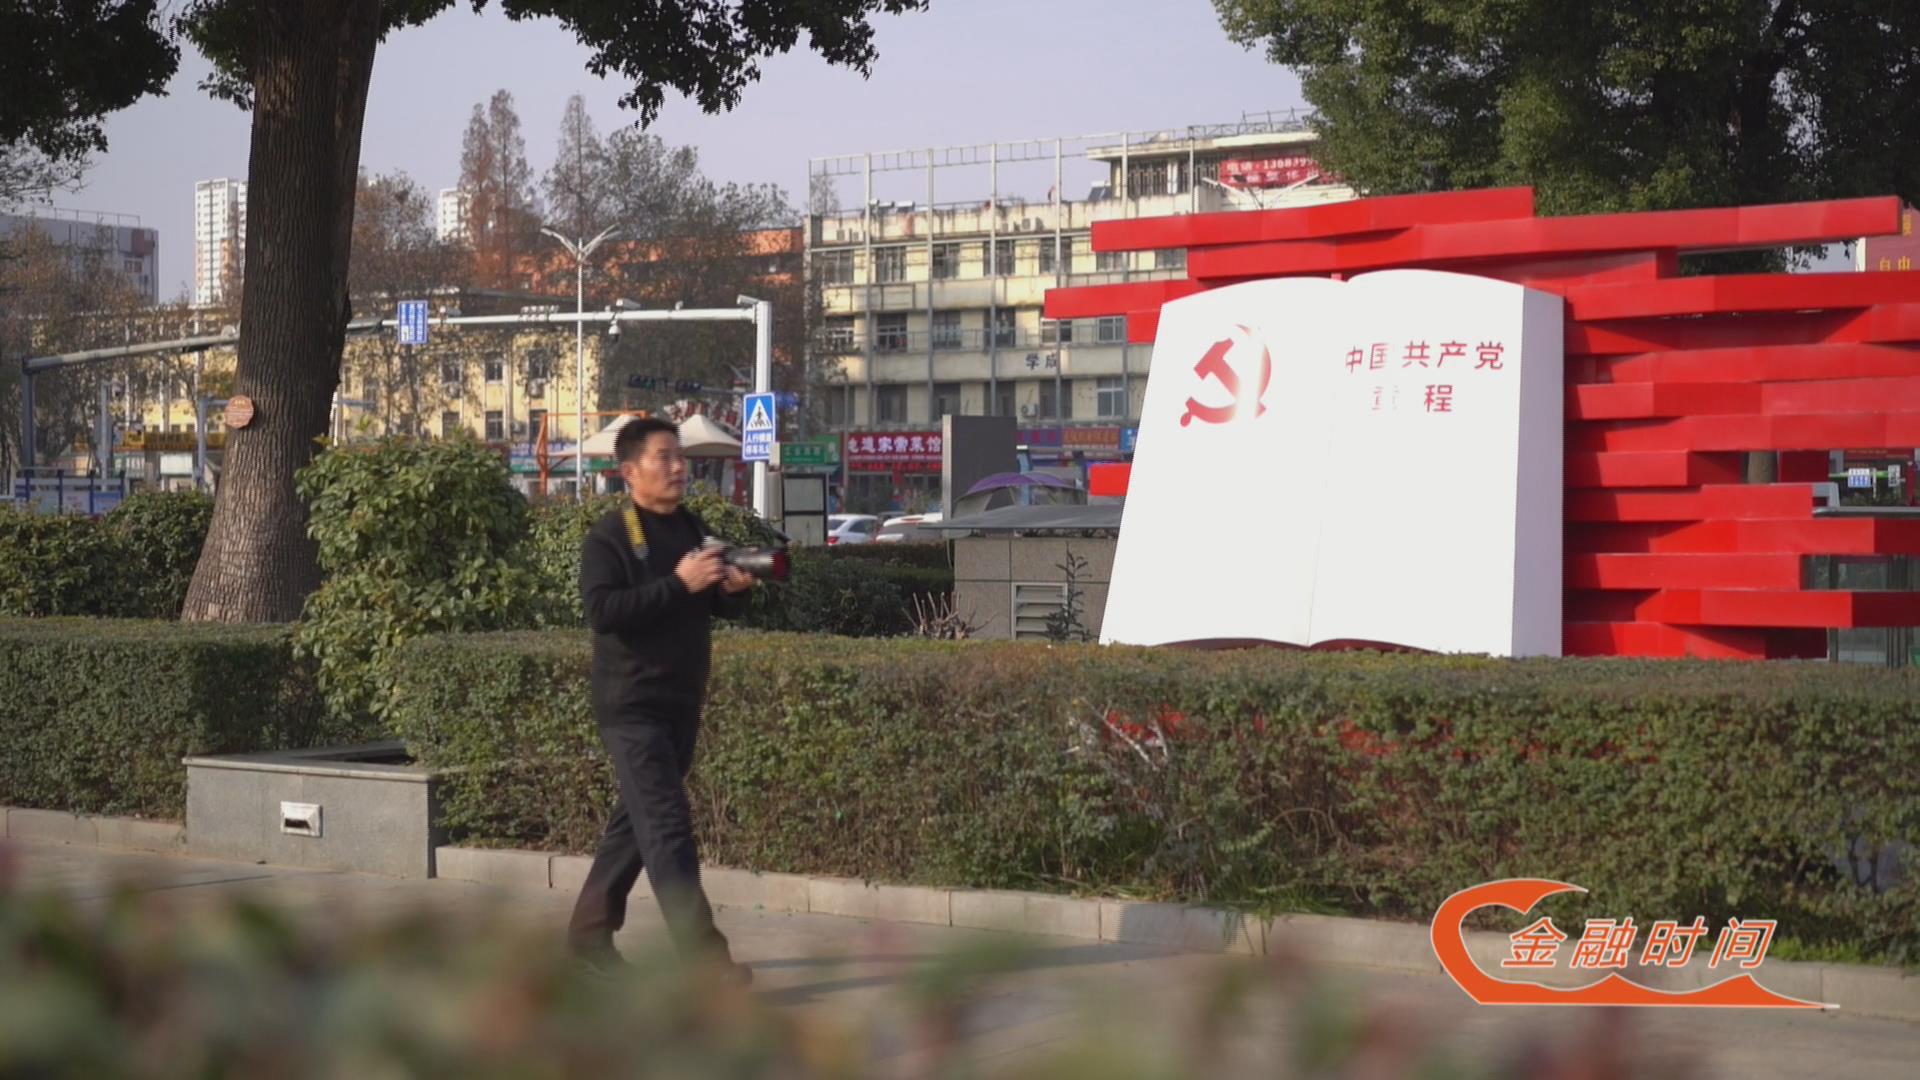 大行工匠蒋红升:35年用相机传递正能量